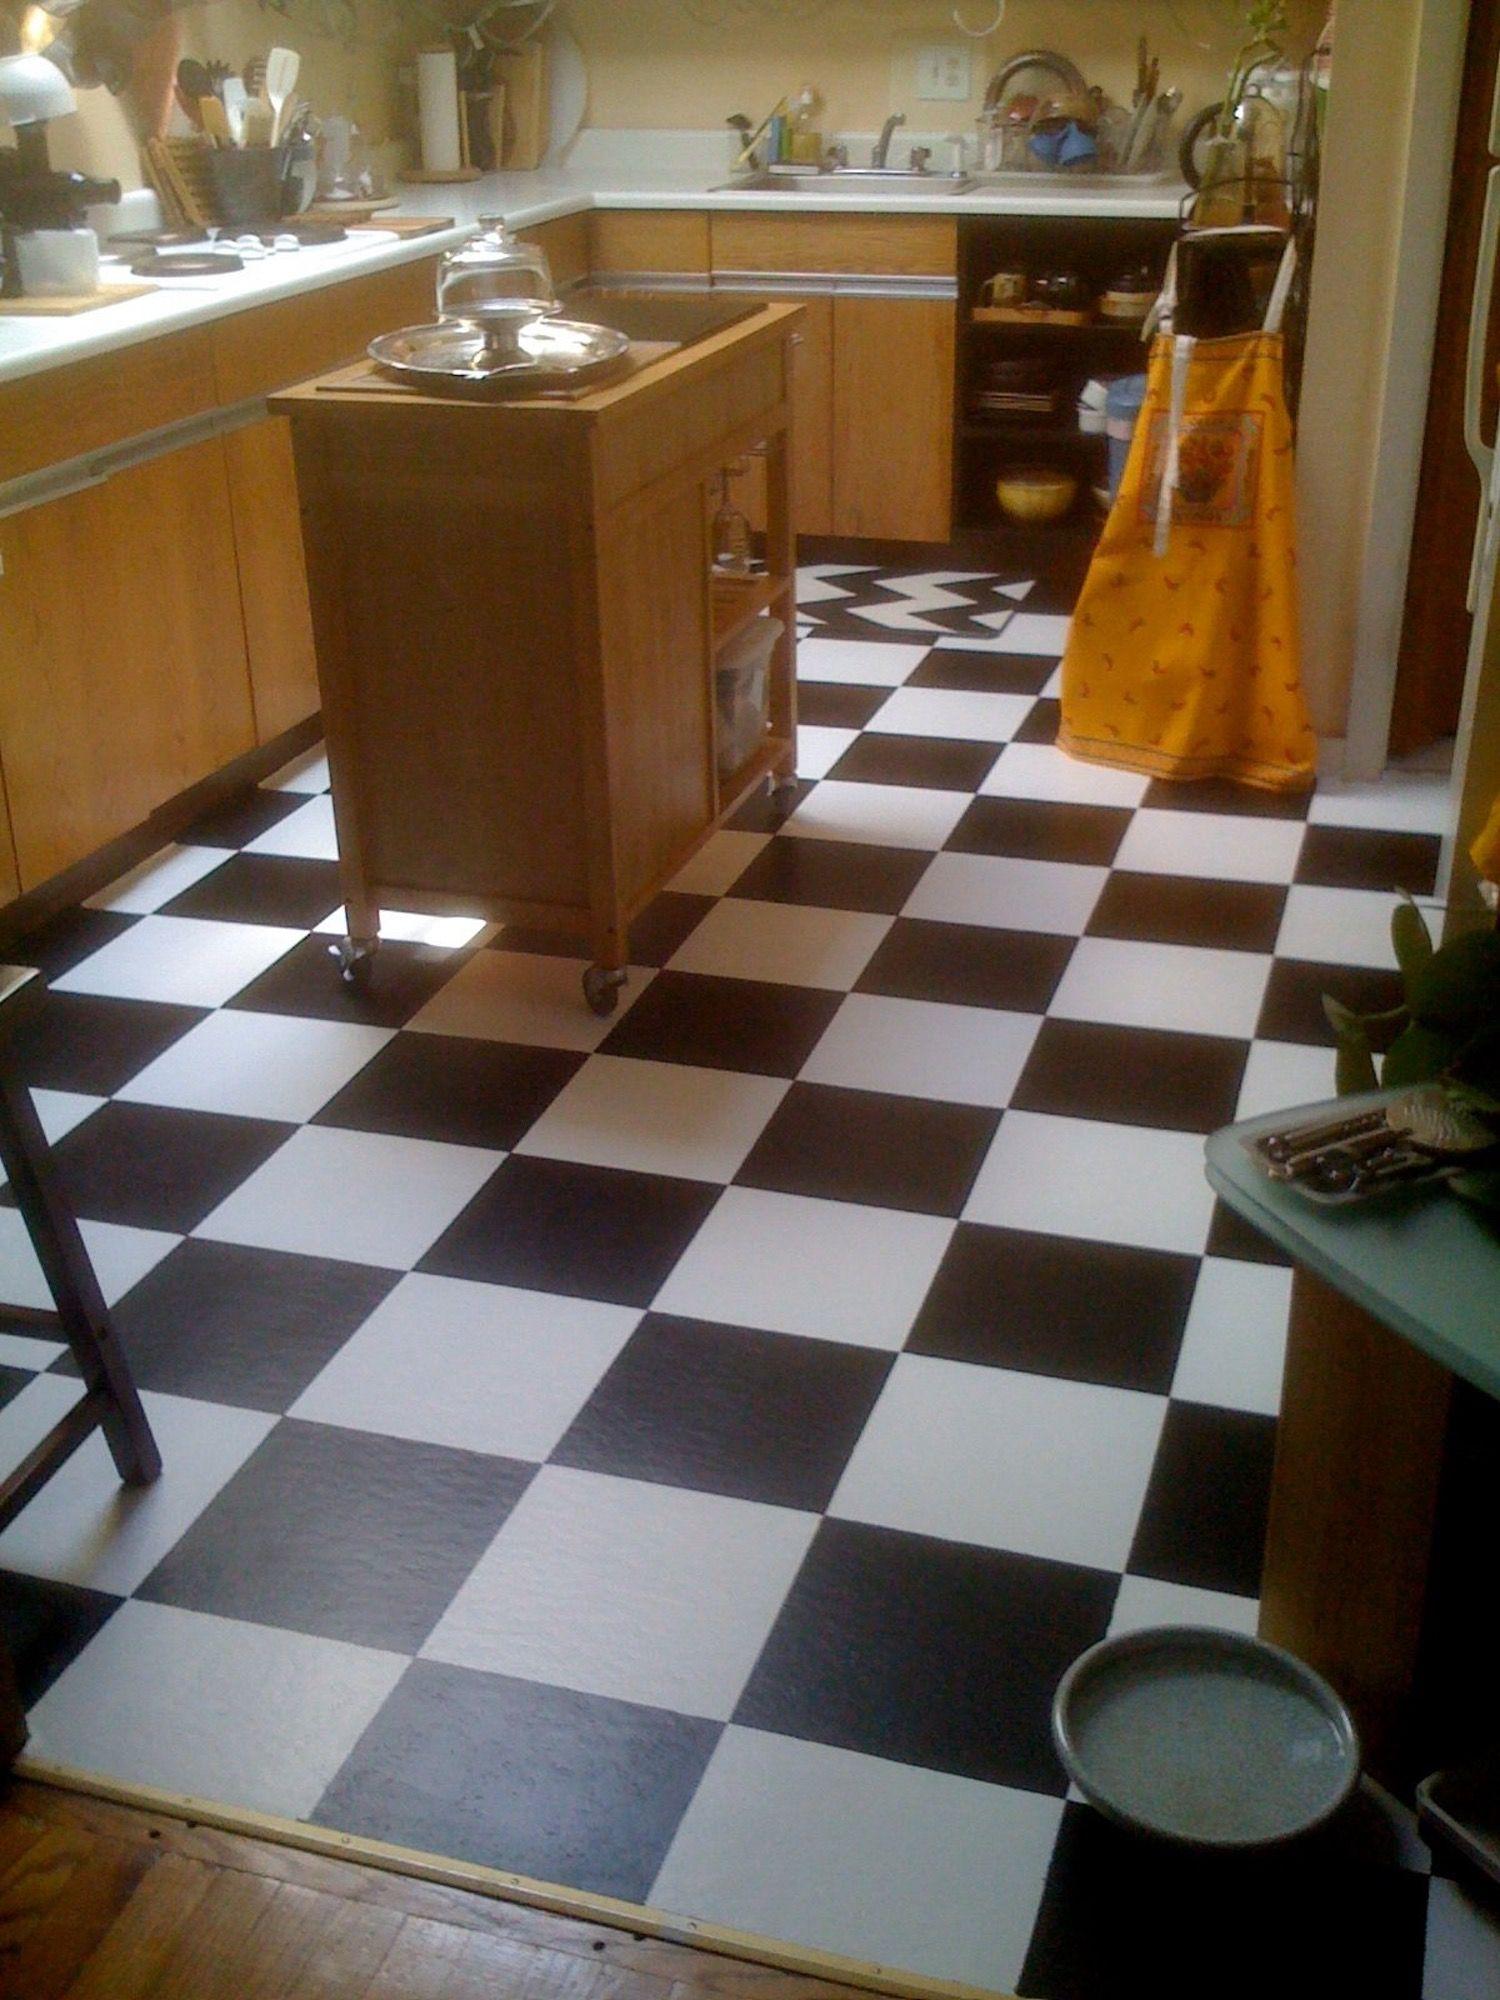 Diy room decor how to paint over vinyl floor tiles tile